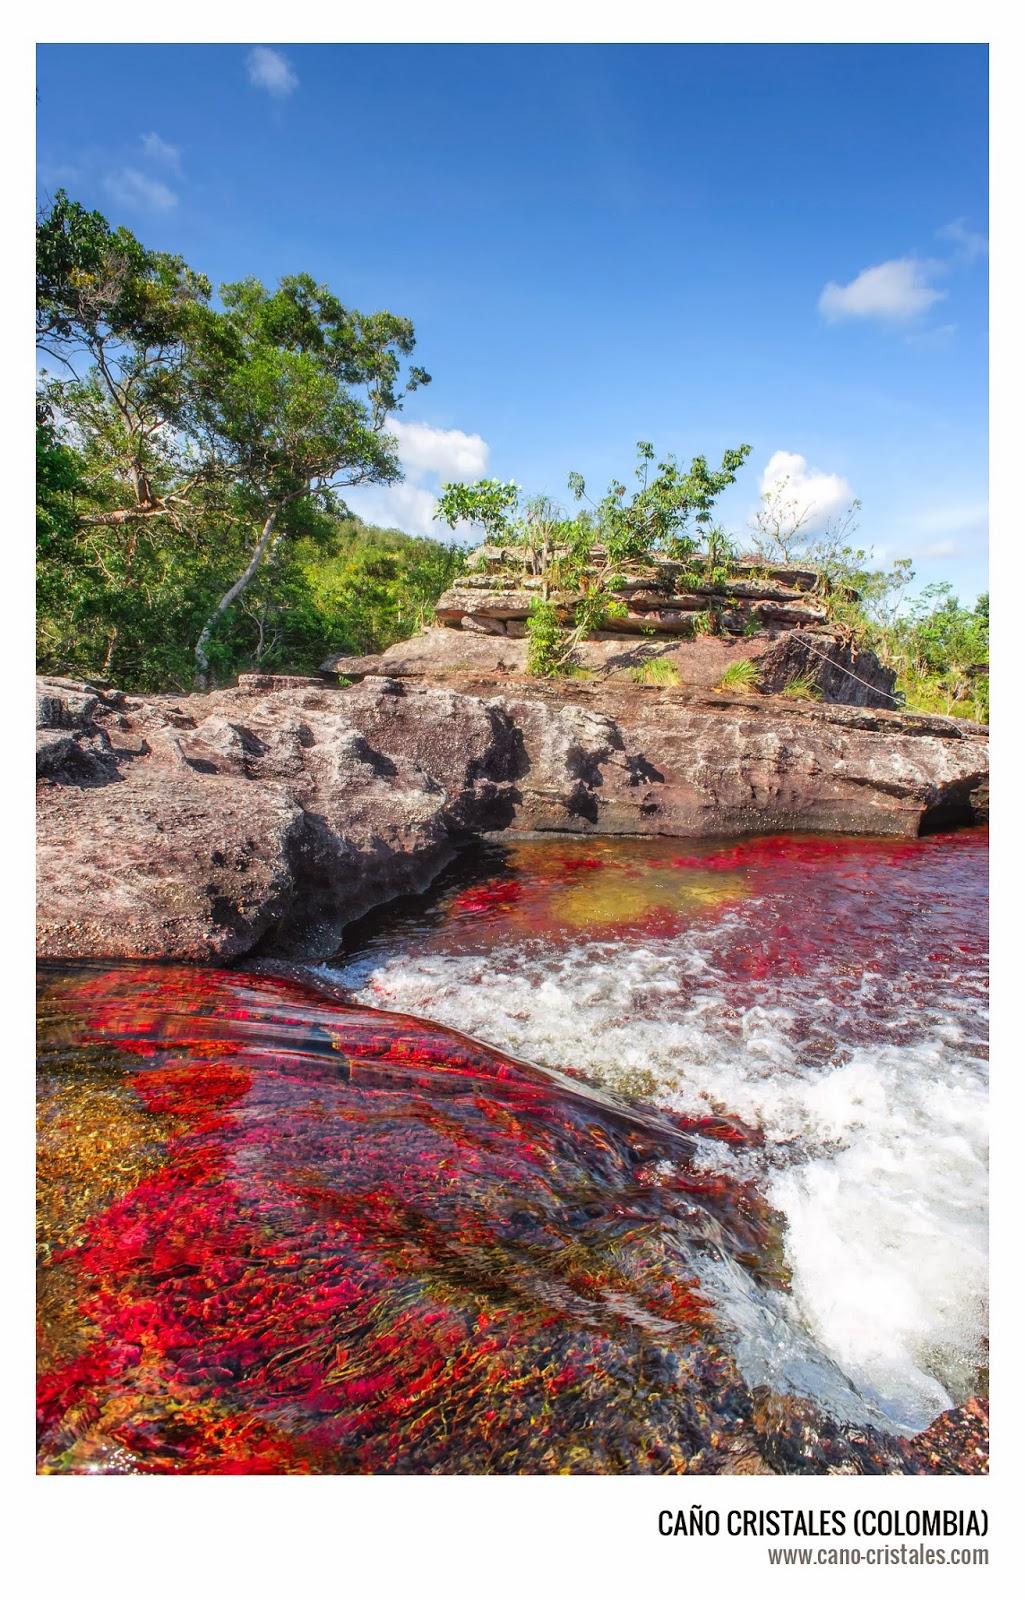 Planta que le da el colorido a Caño Cristales, Macarenia clavigera